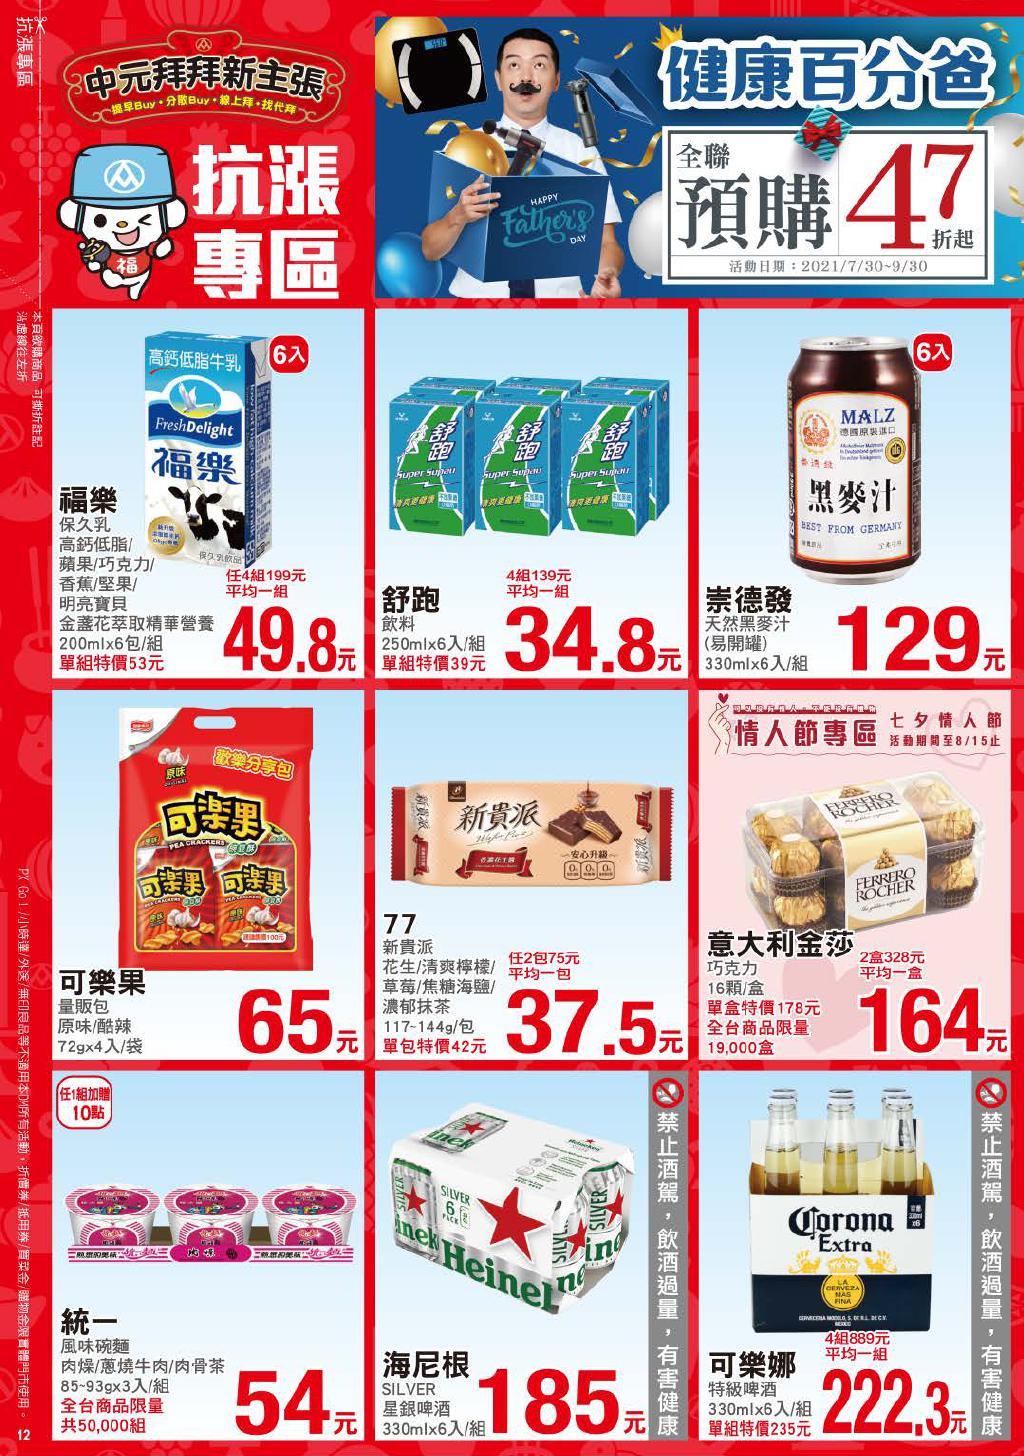 pxmart20210812_000012.jpg